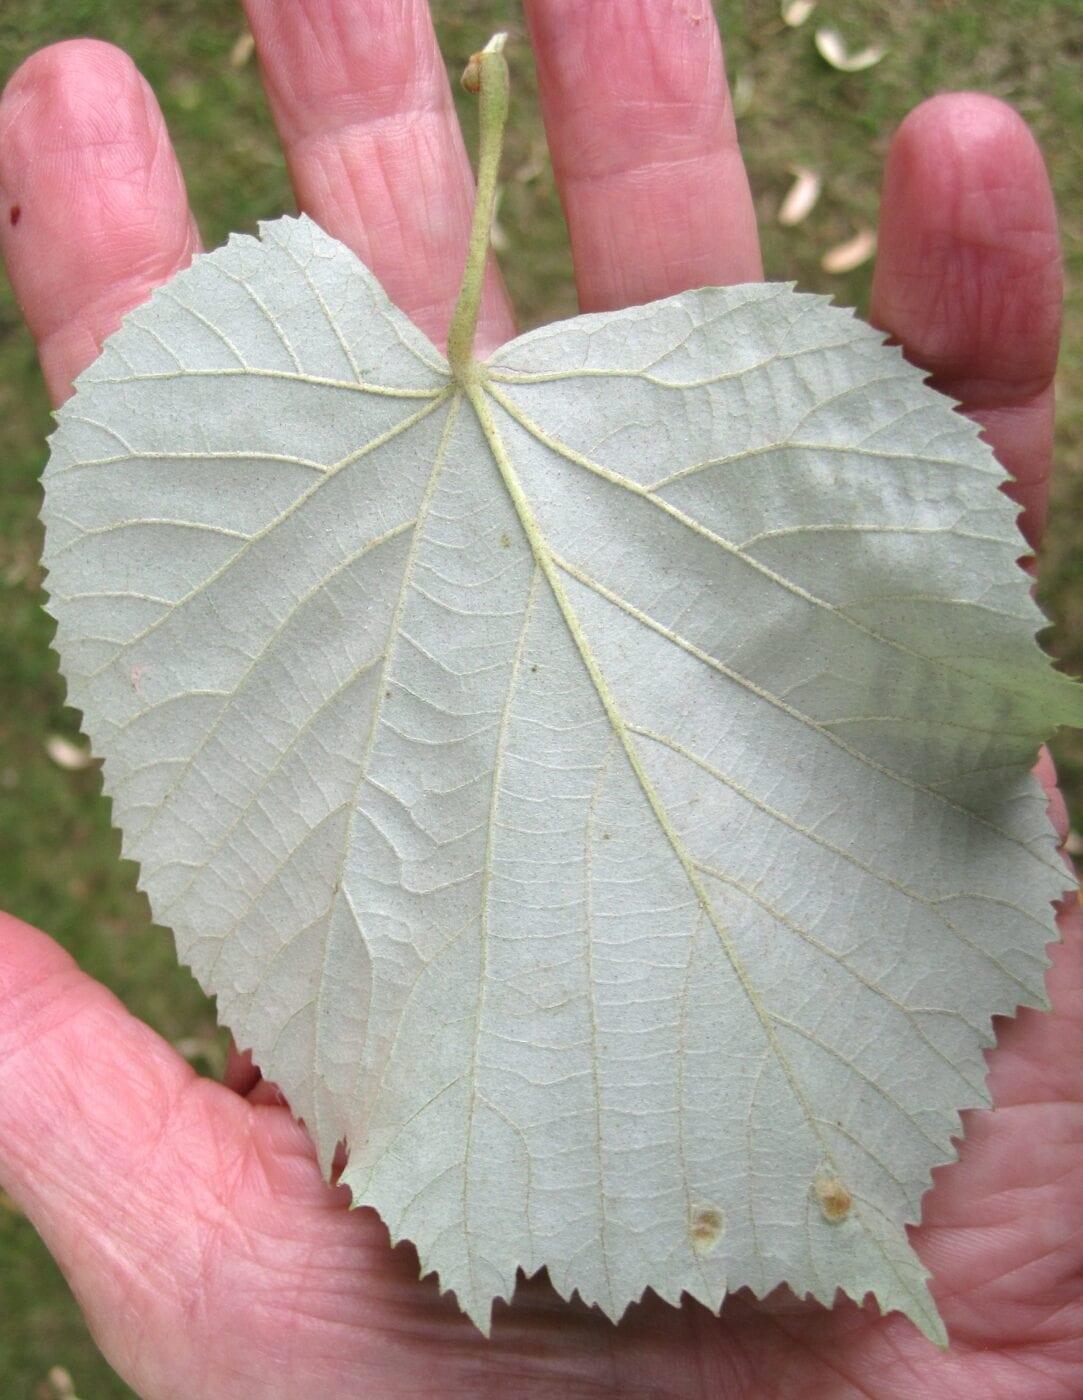 Silver Lime leaf